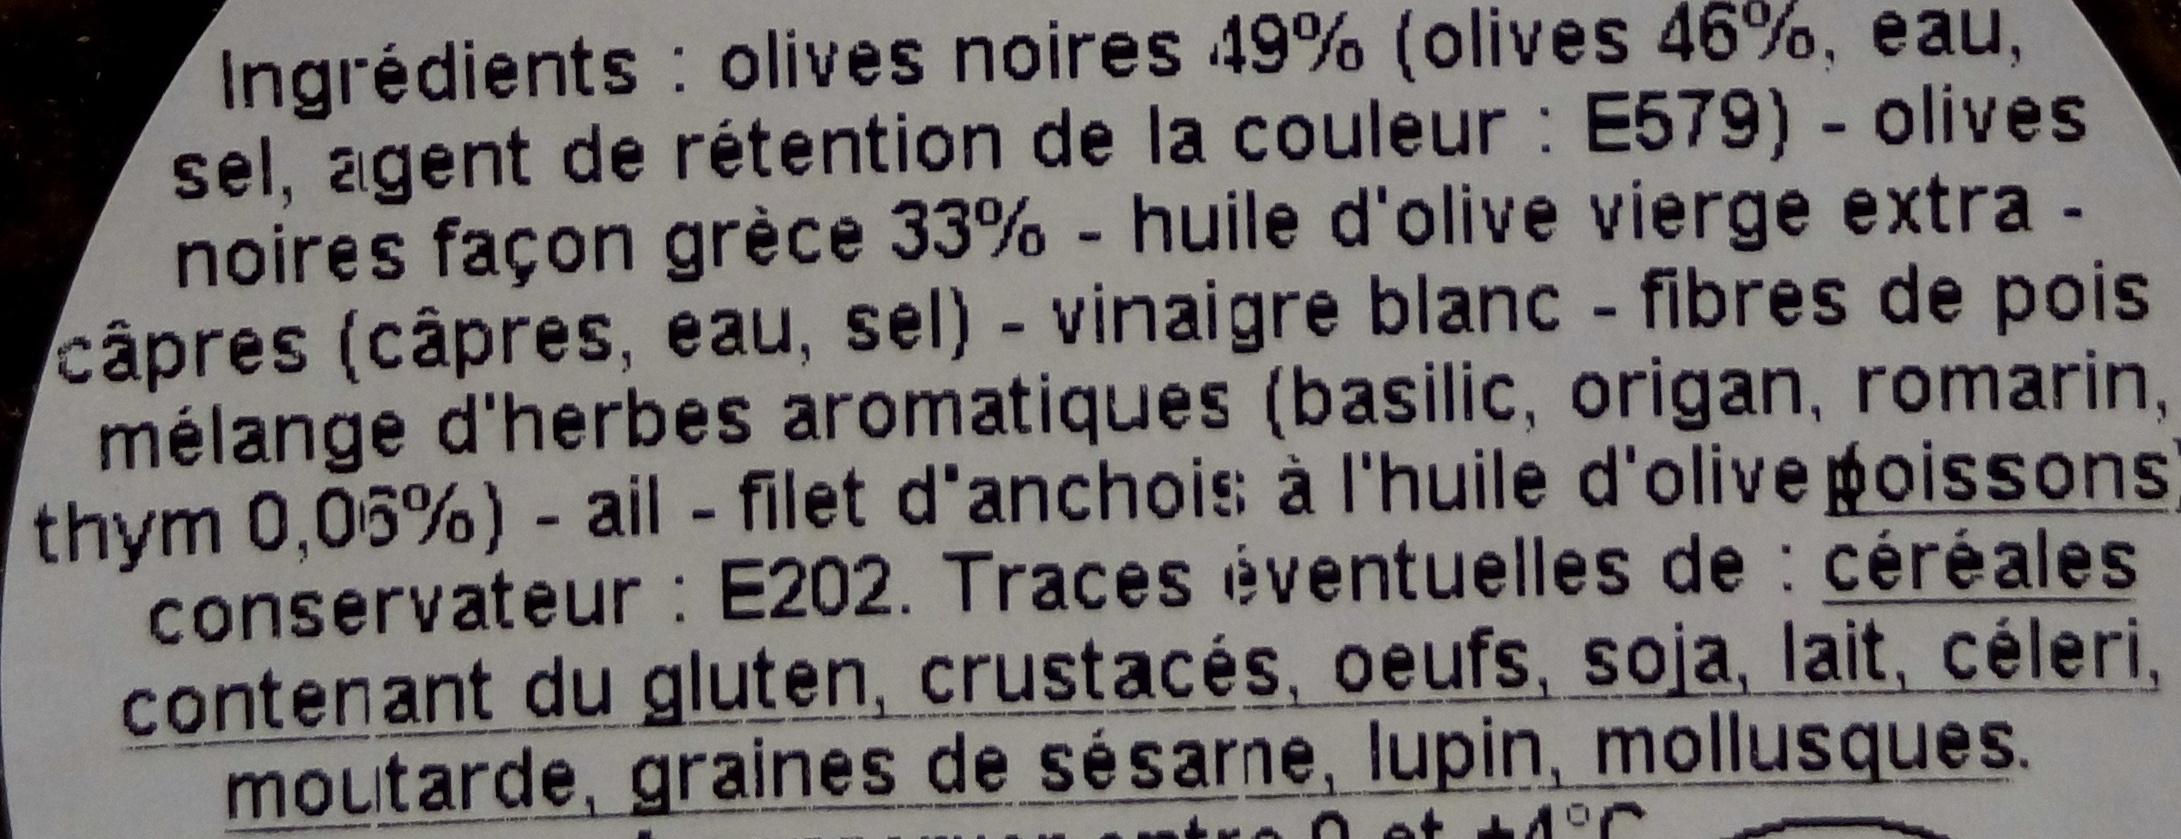 Tapenade extra olives et thym - Ingrédients - fr